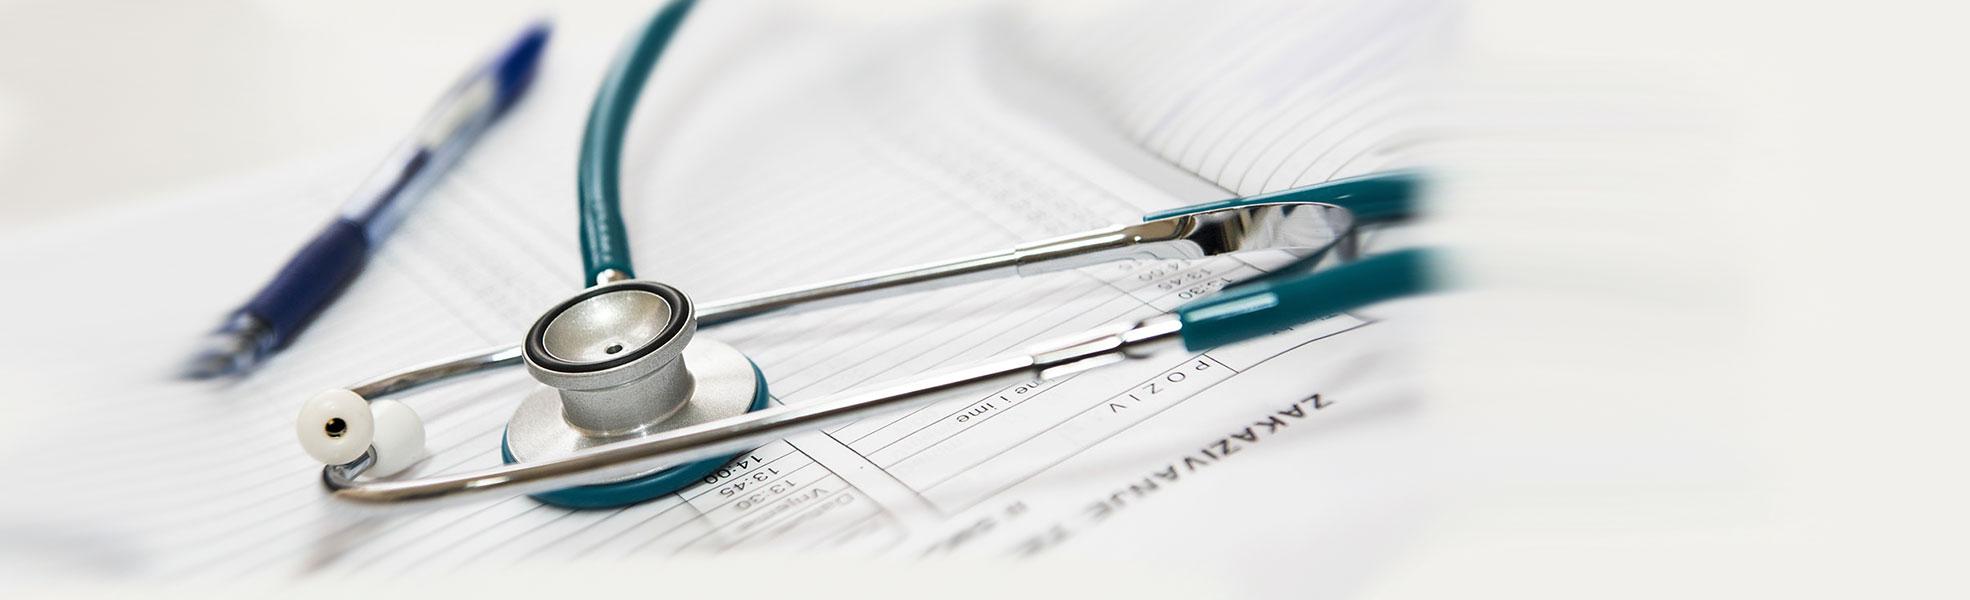 Sudemed Medikal ÖNCELİĞİMİZ İNSAN SAĞLIĞINA KATKI SAĞLAYACAK ÜRÜNLER ÜRETMEK